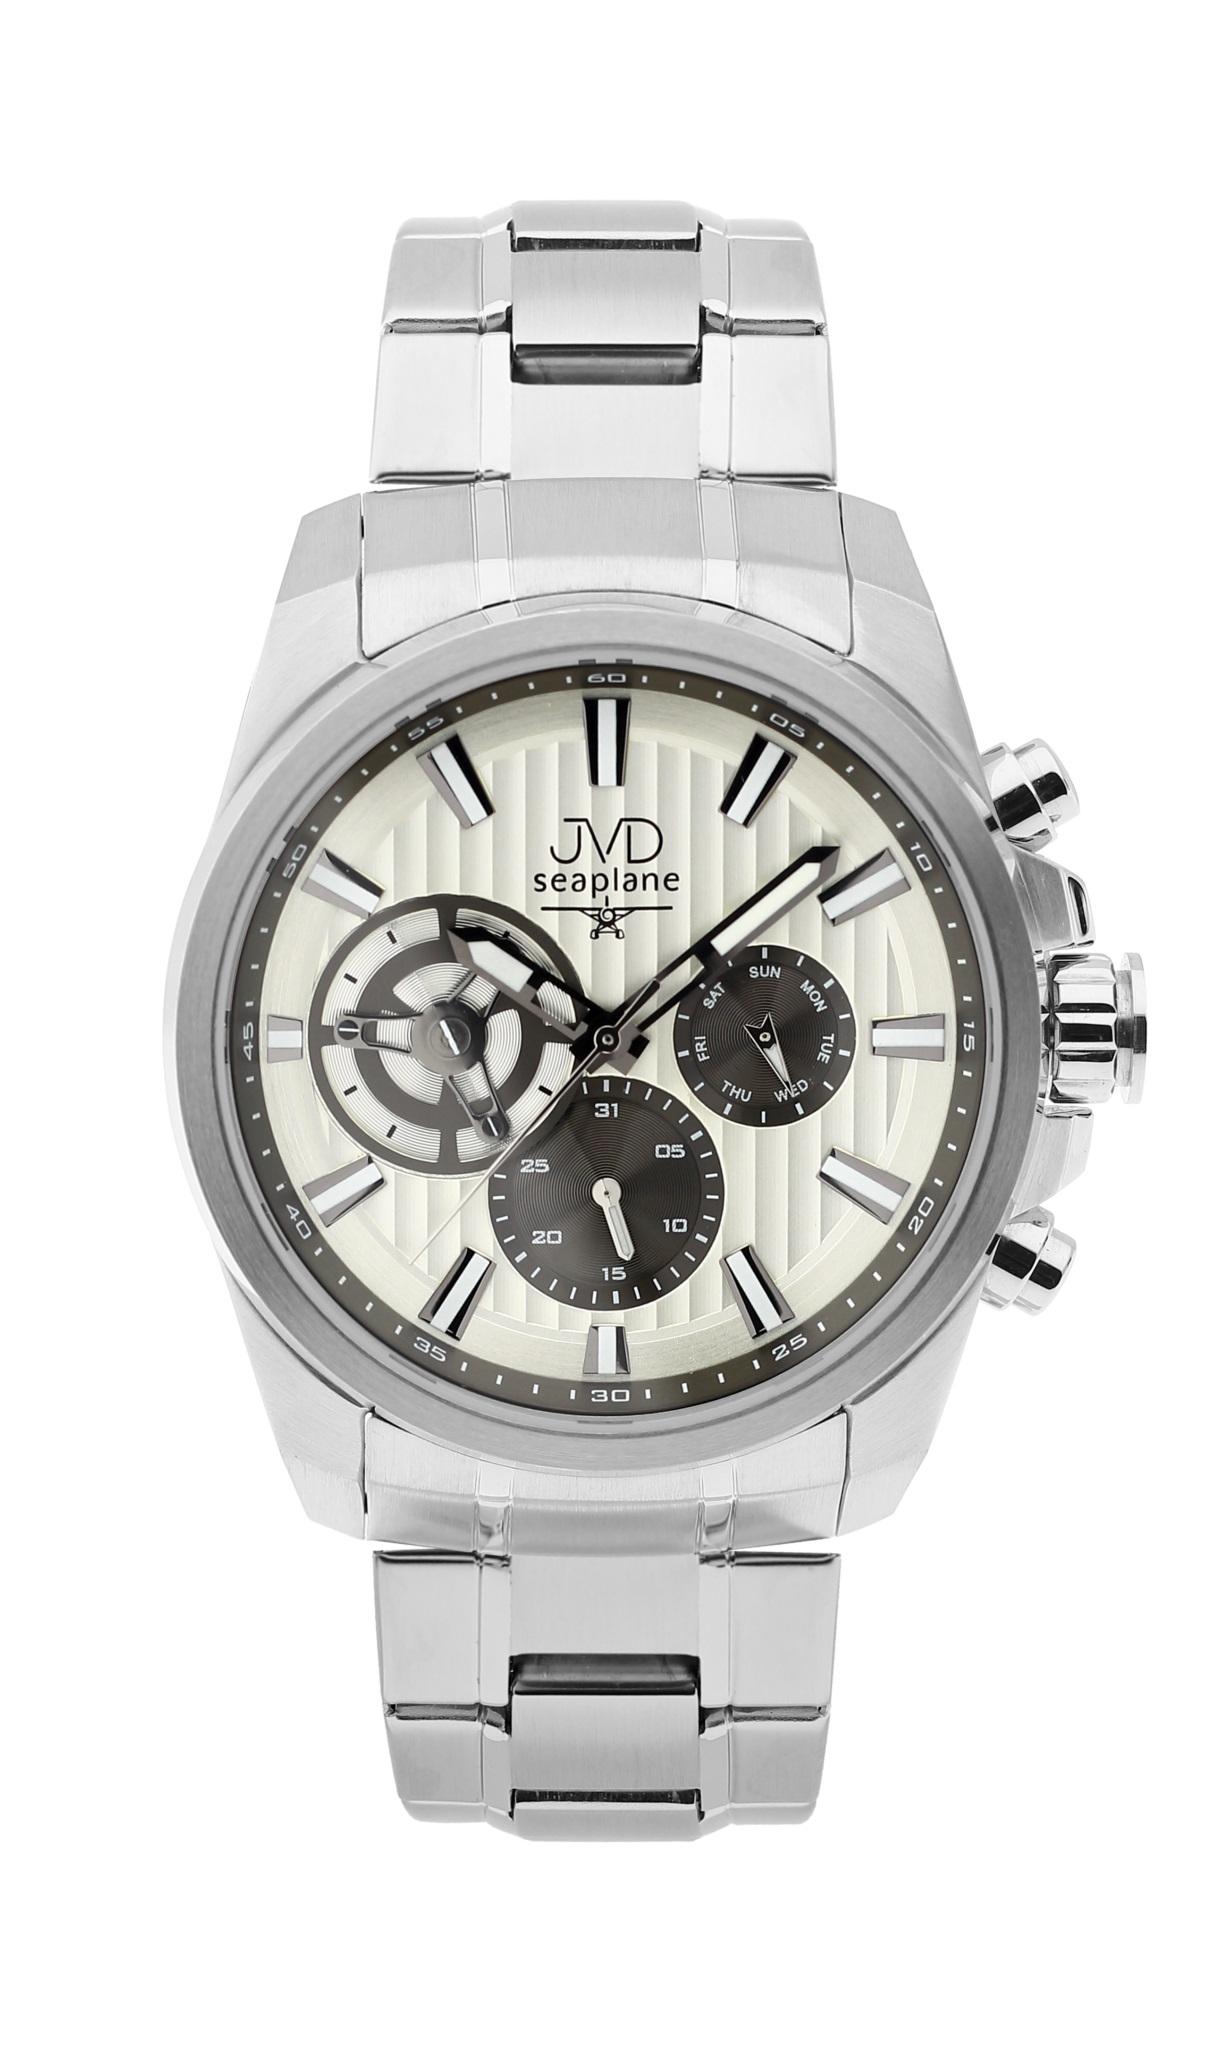 Pánské luxusní vodotěsné chronografy hodinky JVD seaplane W83.1 - 10ATM stopky POŠTOVNÉ ZDARMA!